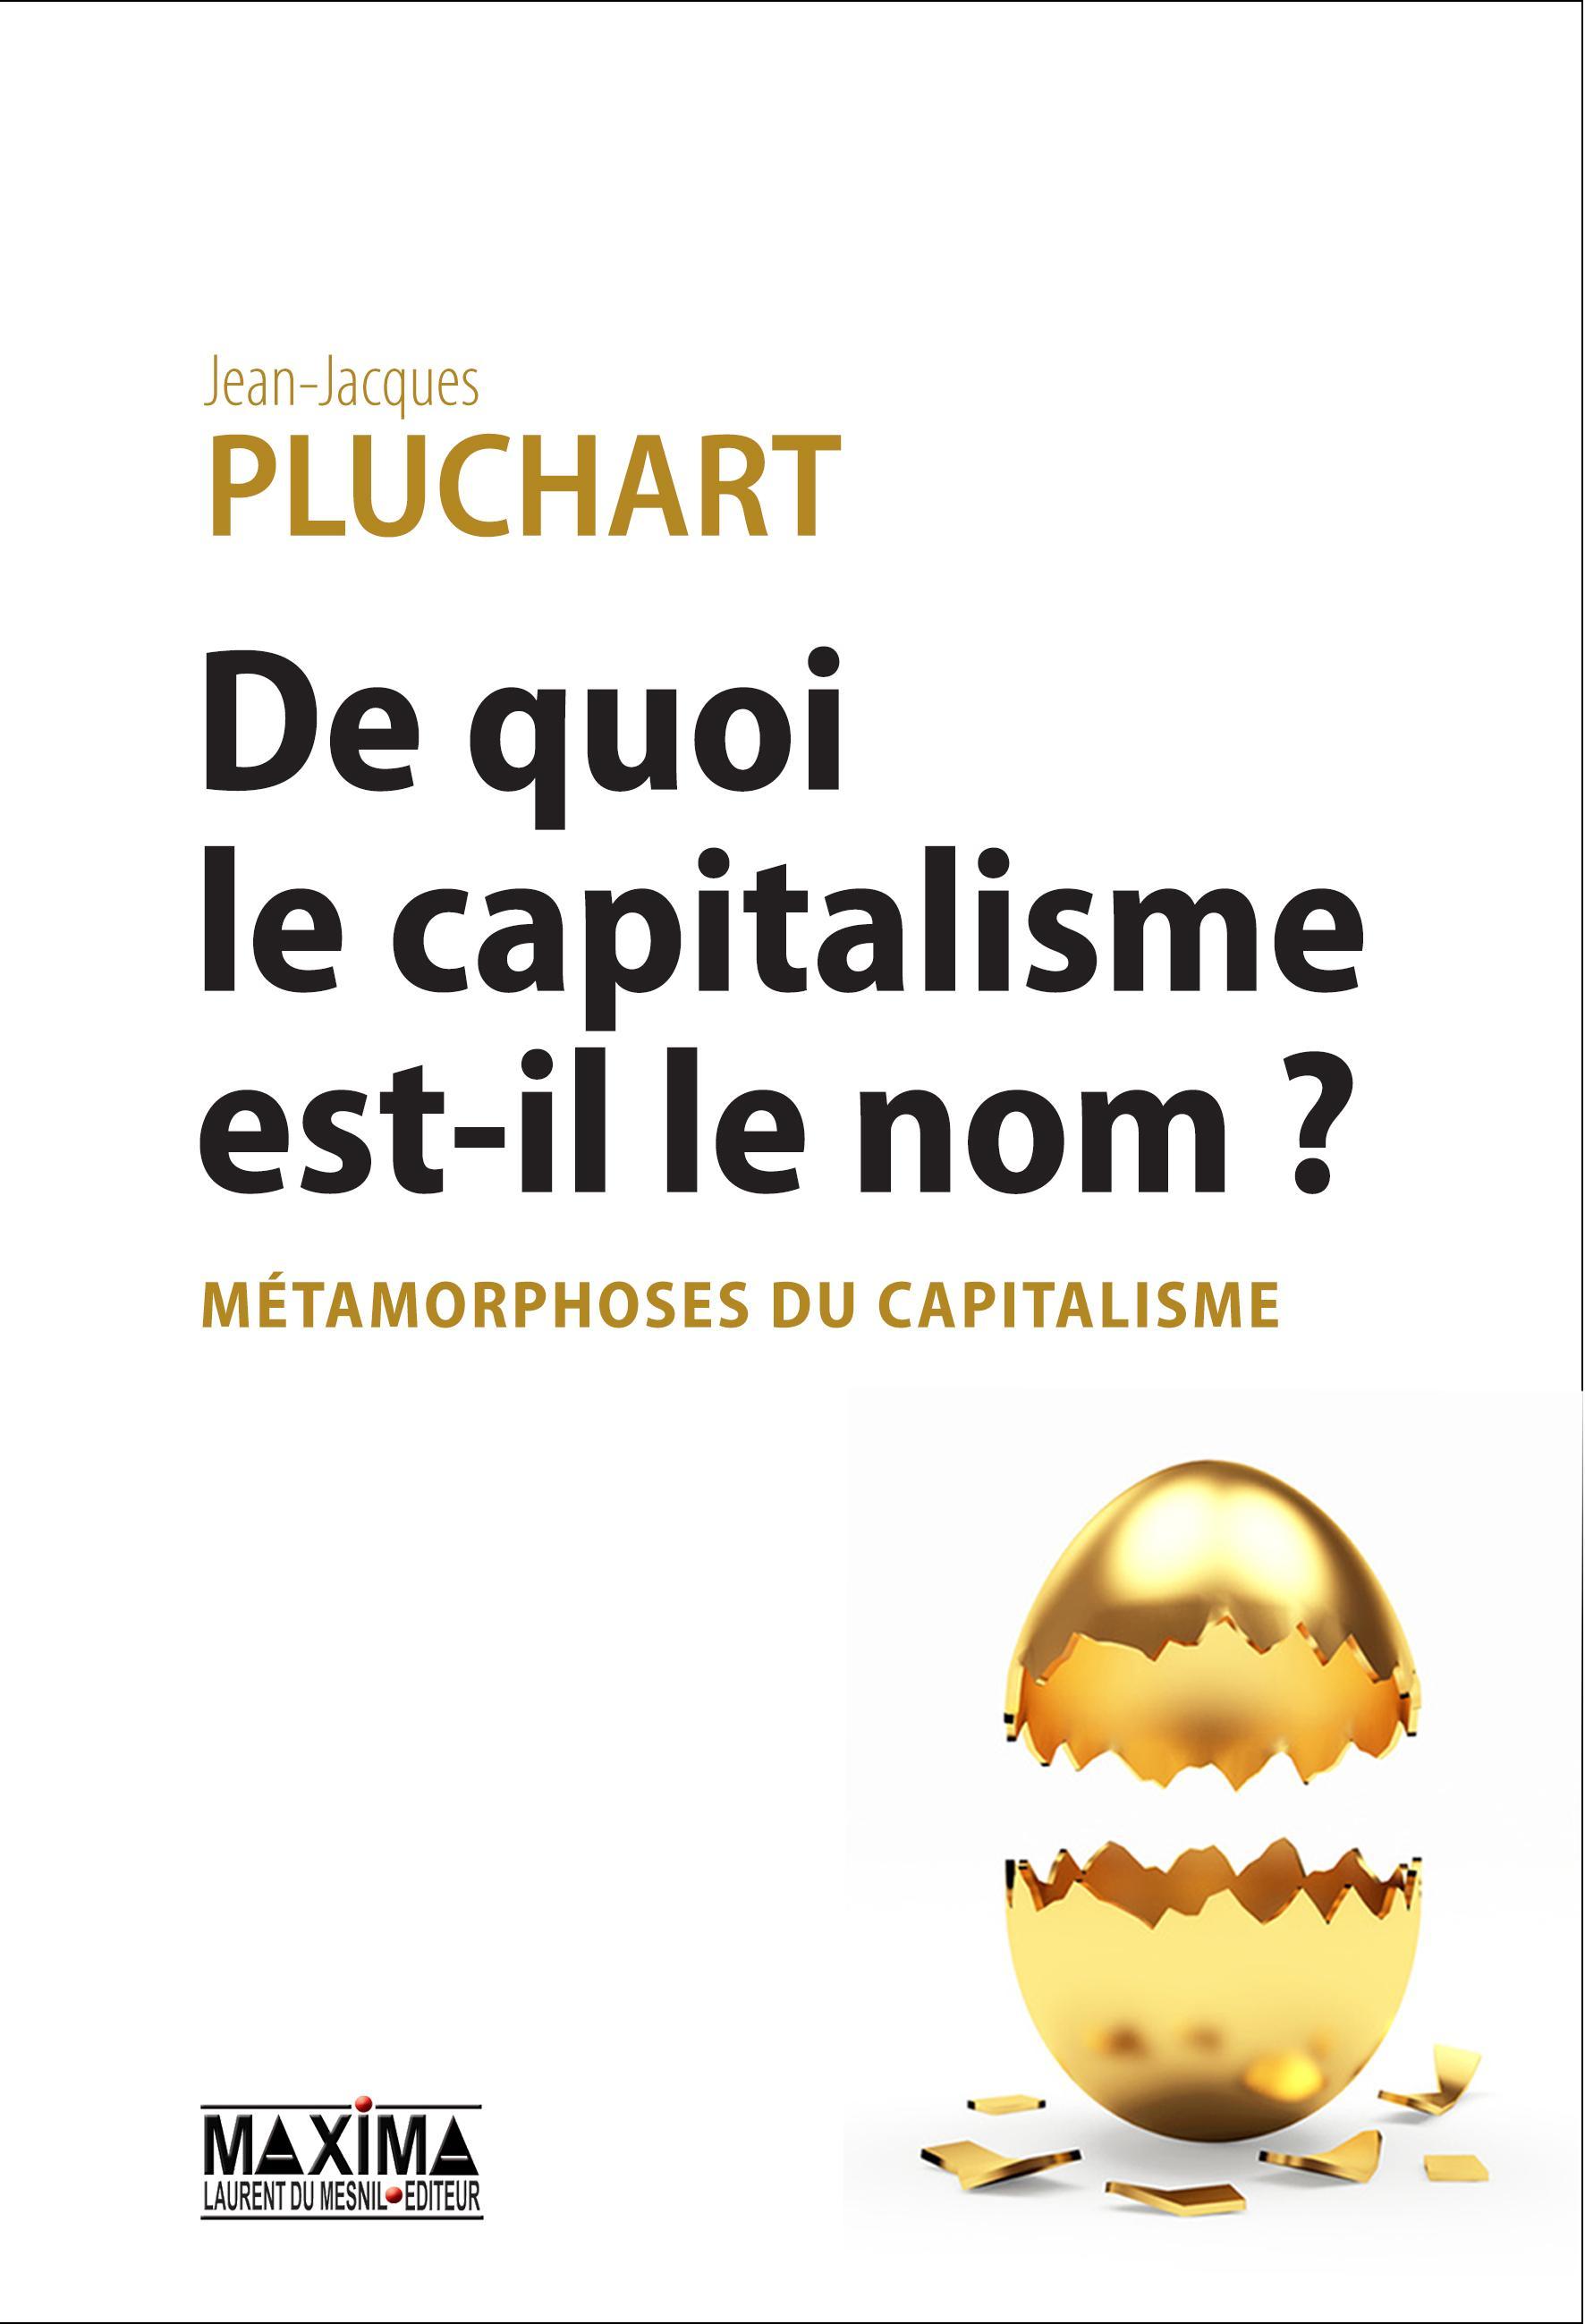 De quoi le capitalisme est-il le nom ?, MÉTAMORPHOSES DU CAPITALISME